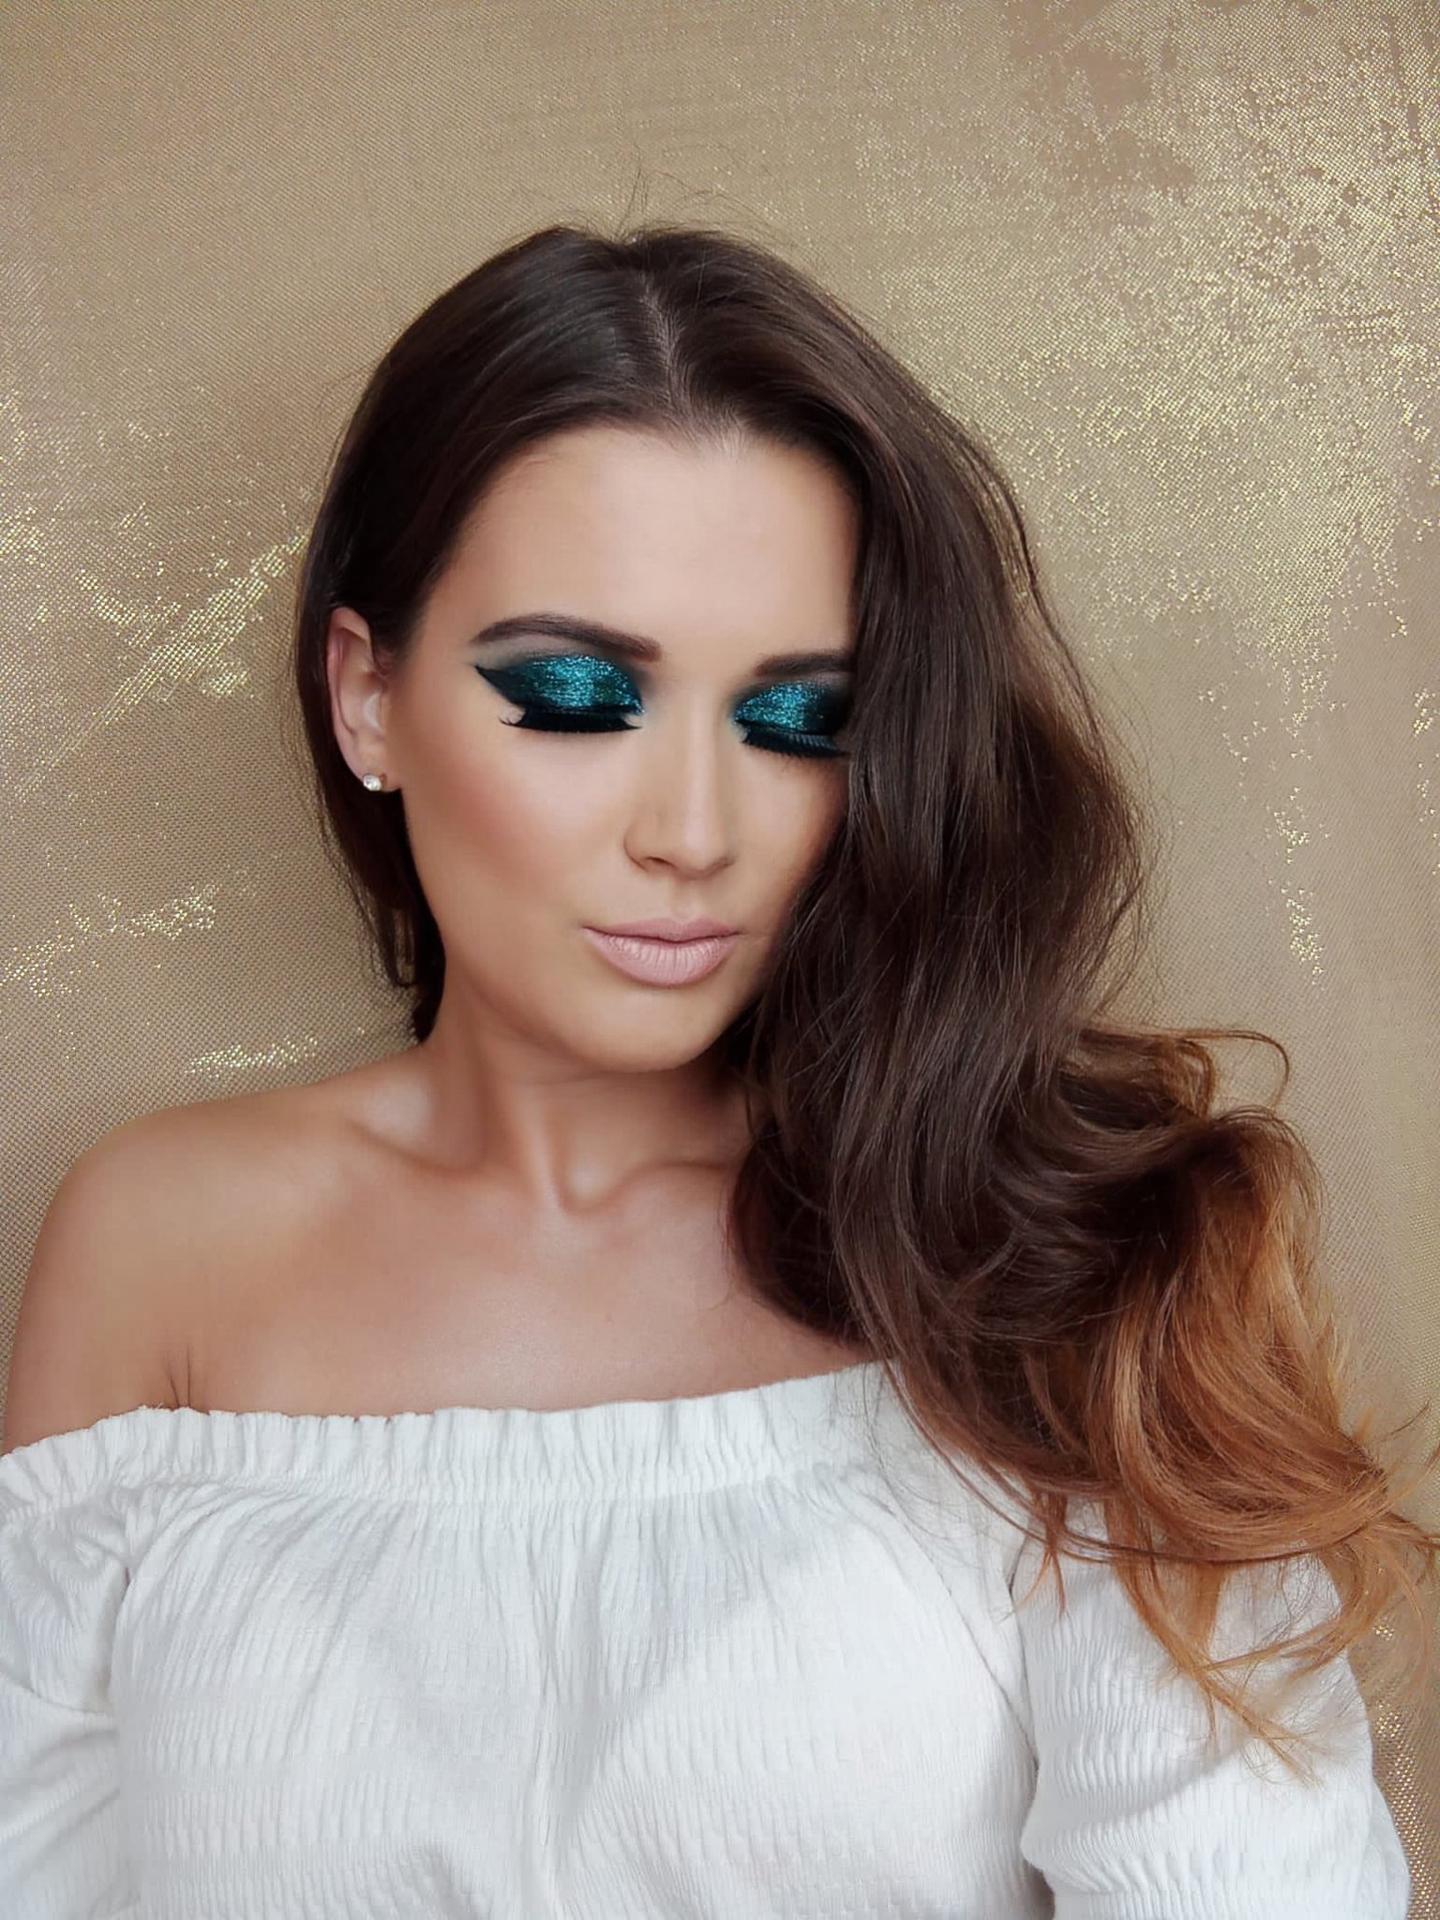 mua_denisav - Glitter smokey eyes ... Make-up vhodný na večierky, plesy. V tomto make-upu budete neprehliadnuteľná.